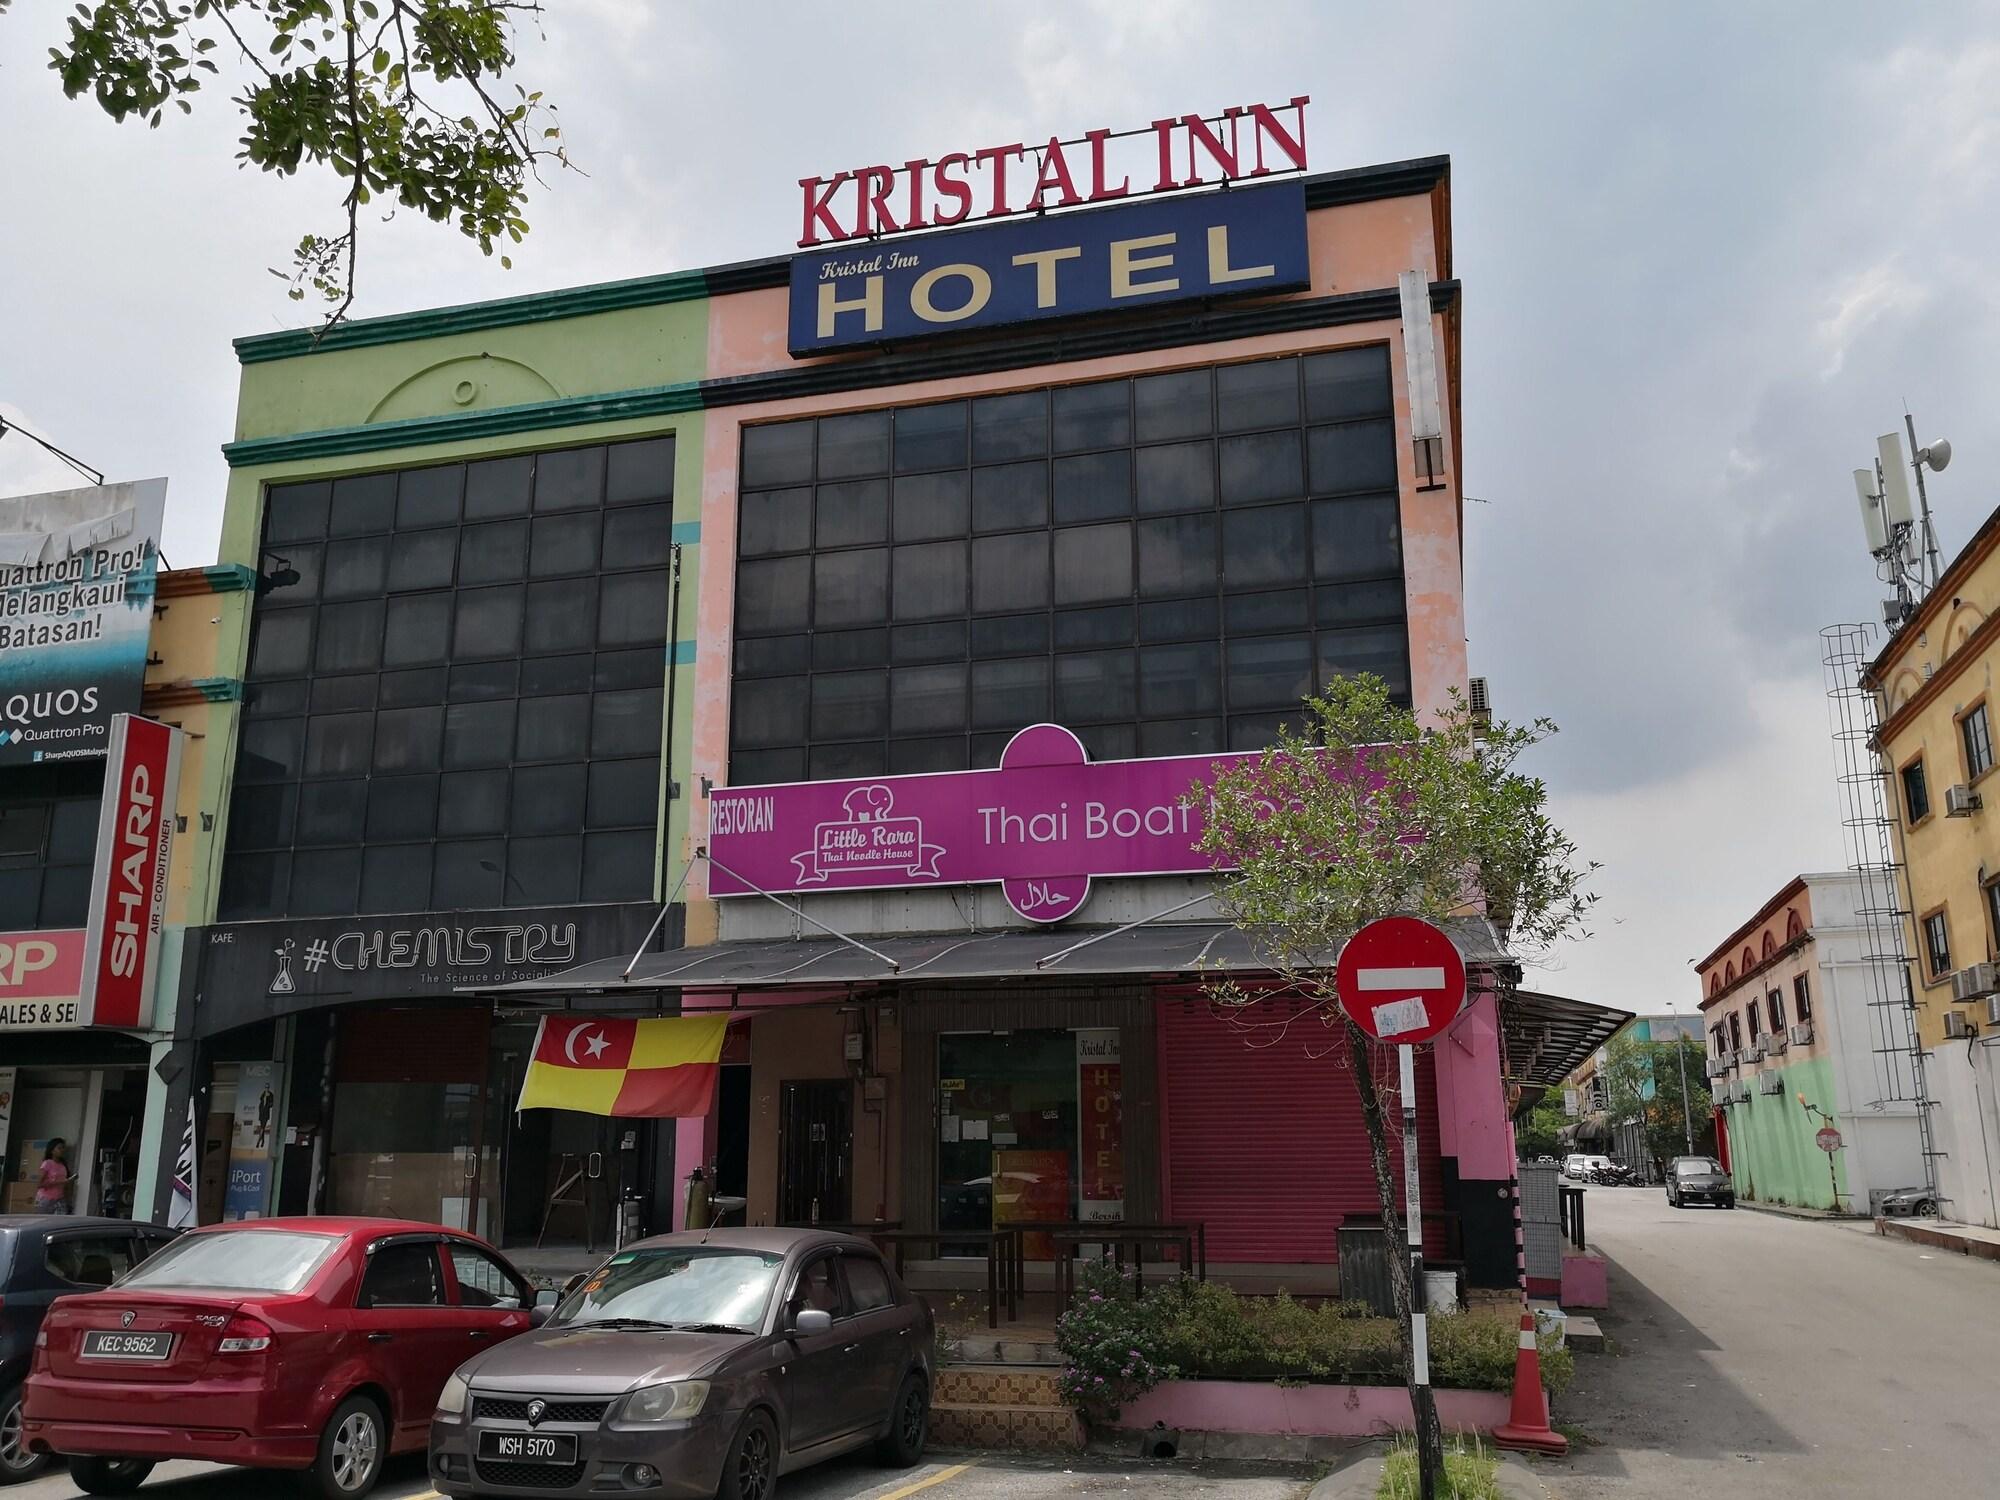 Kristal Inn Hotel, Kuala Lumpur